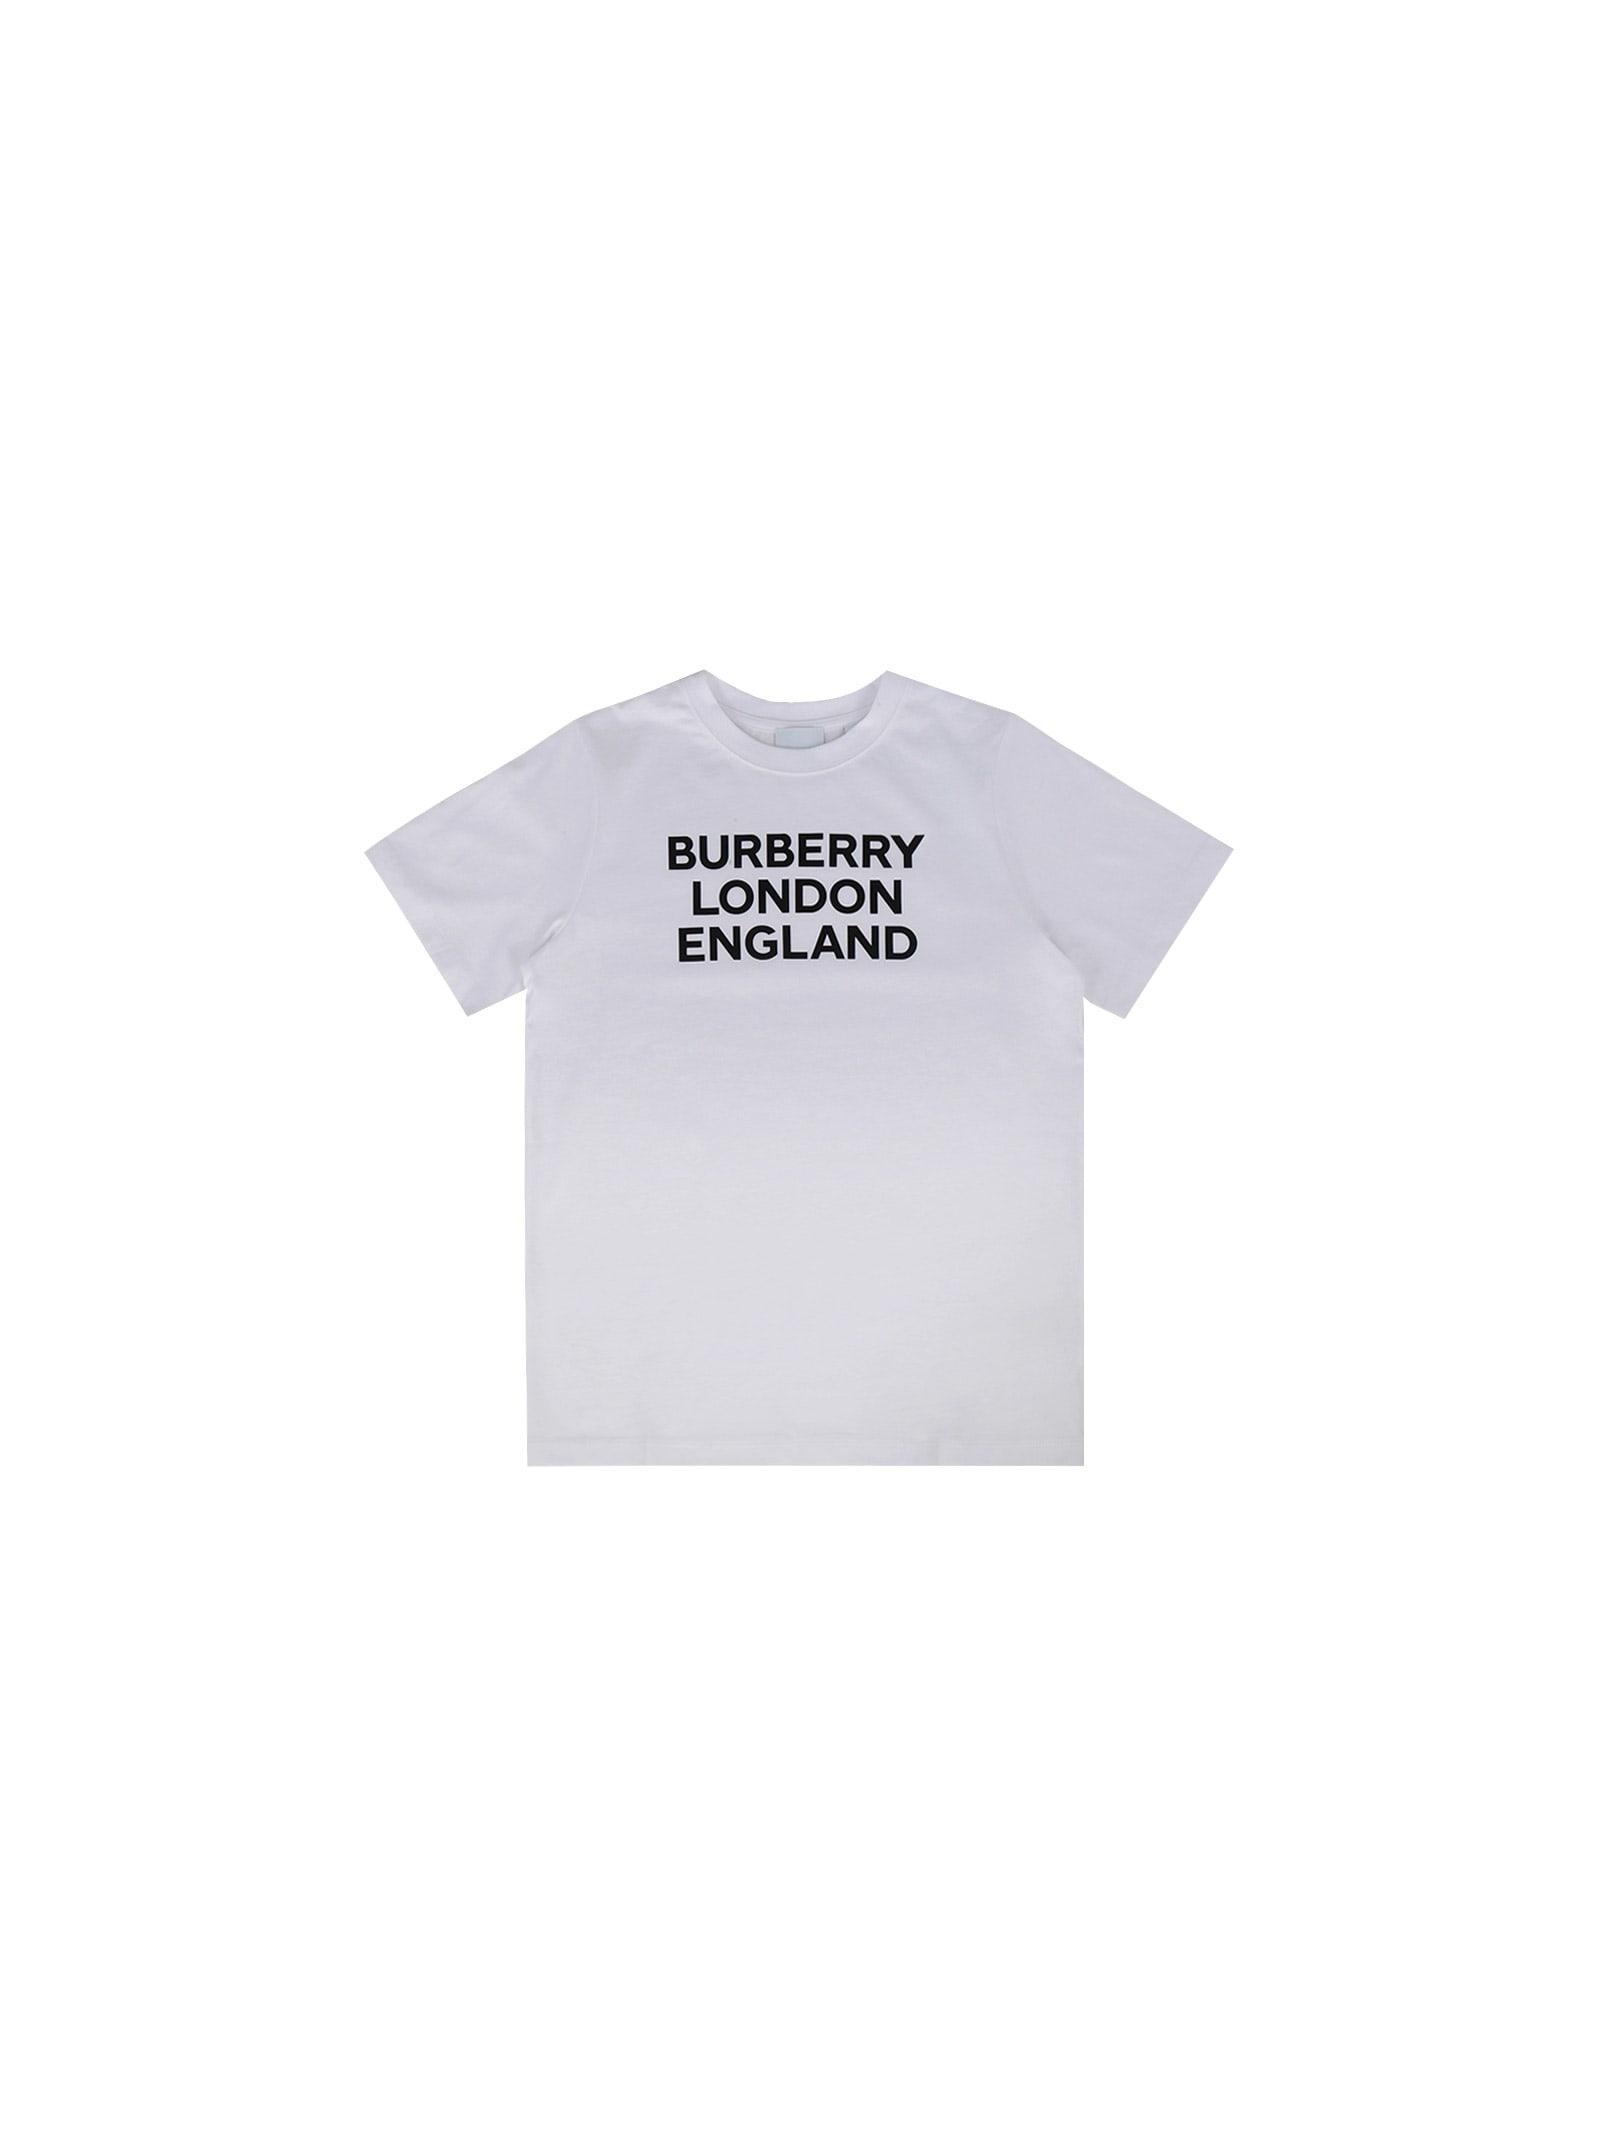 Burberry Kids' T-shirt For Girl In White